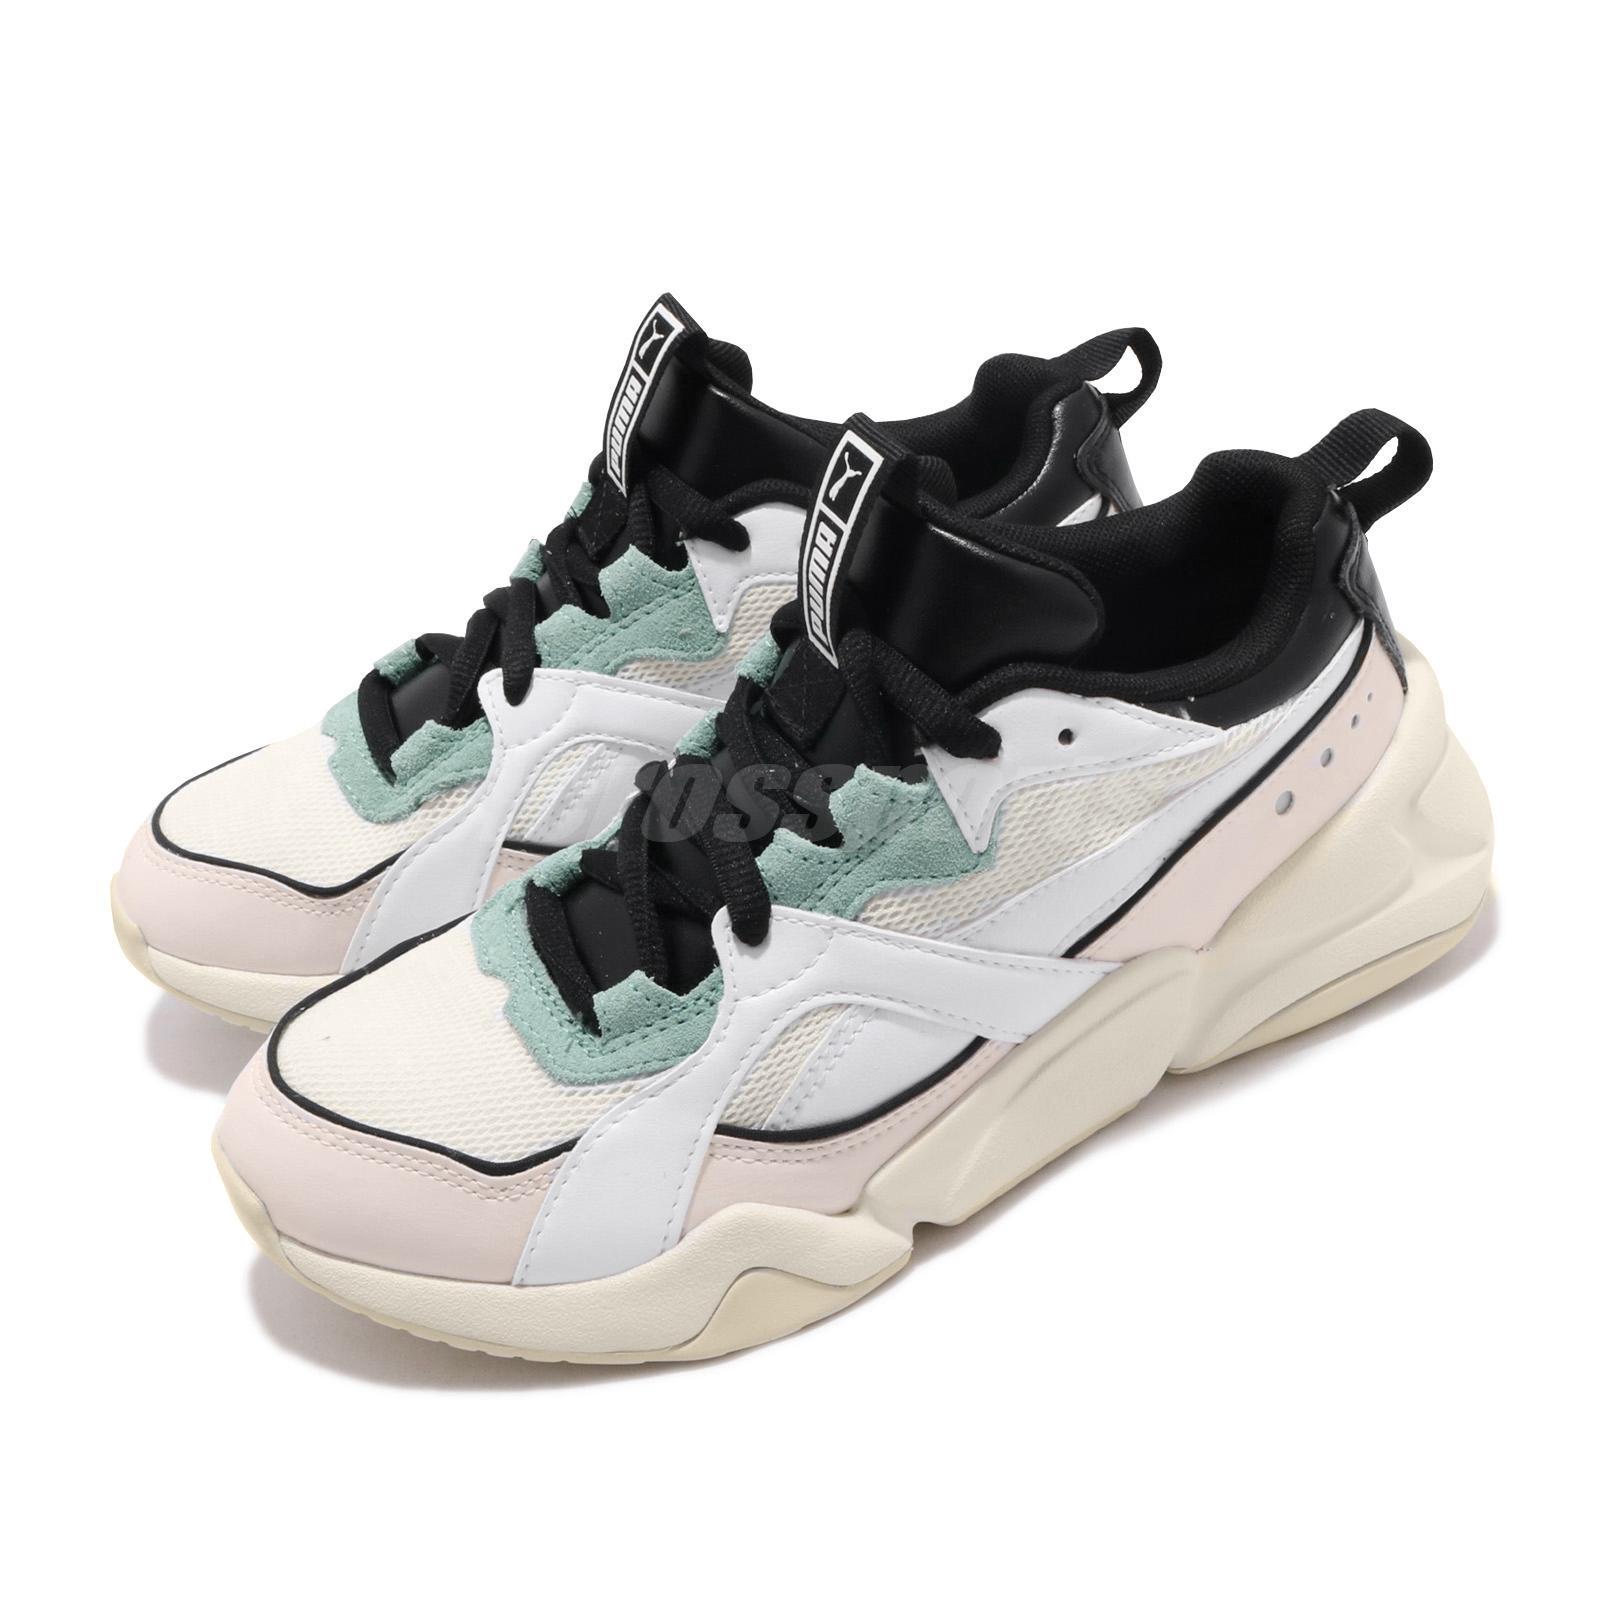 Details about Puma Nova 2 Wns White Pastel Parchment Black Women Running  Casual Shoe 370957-03